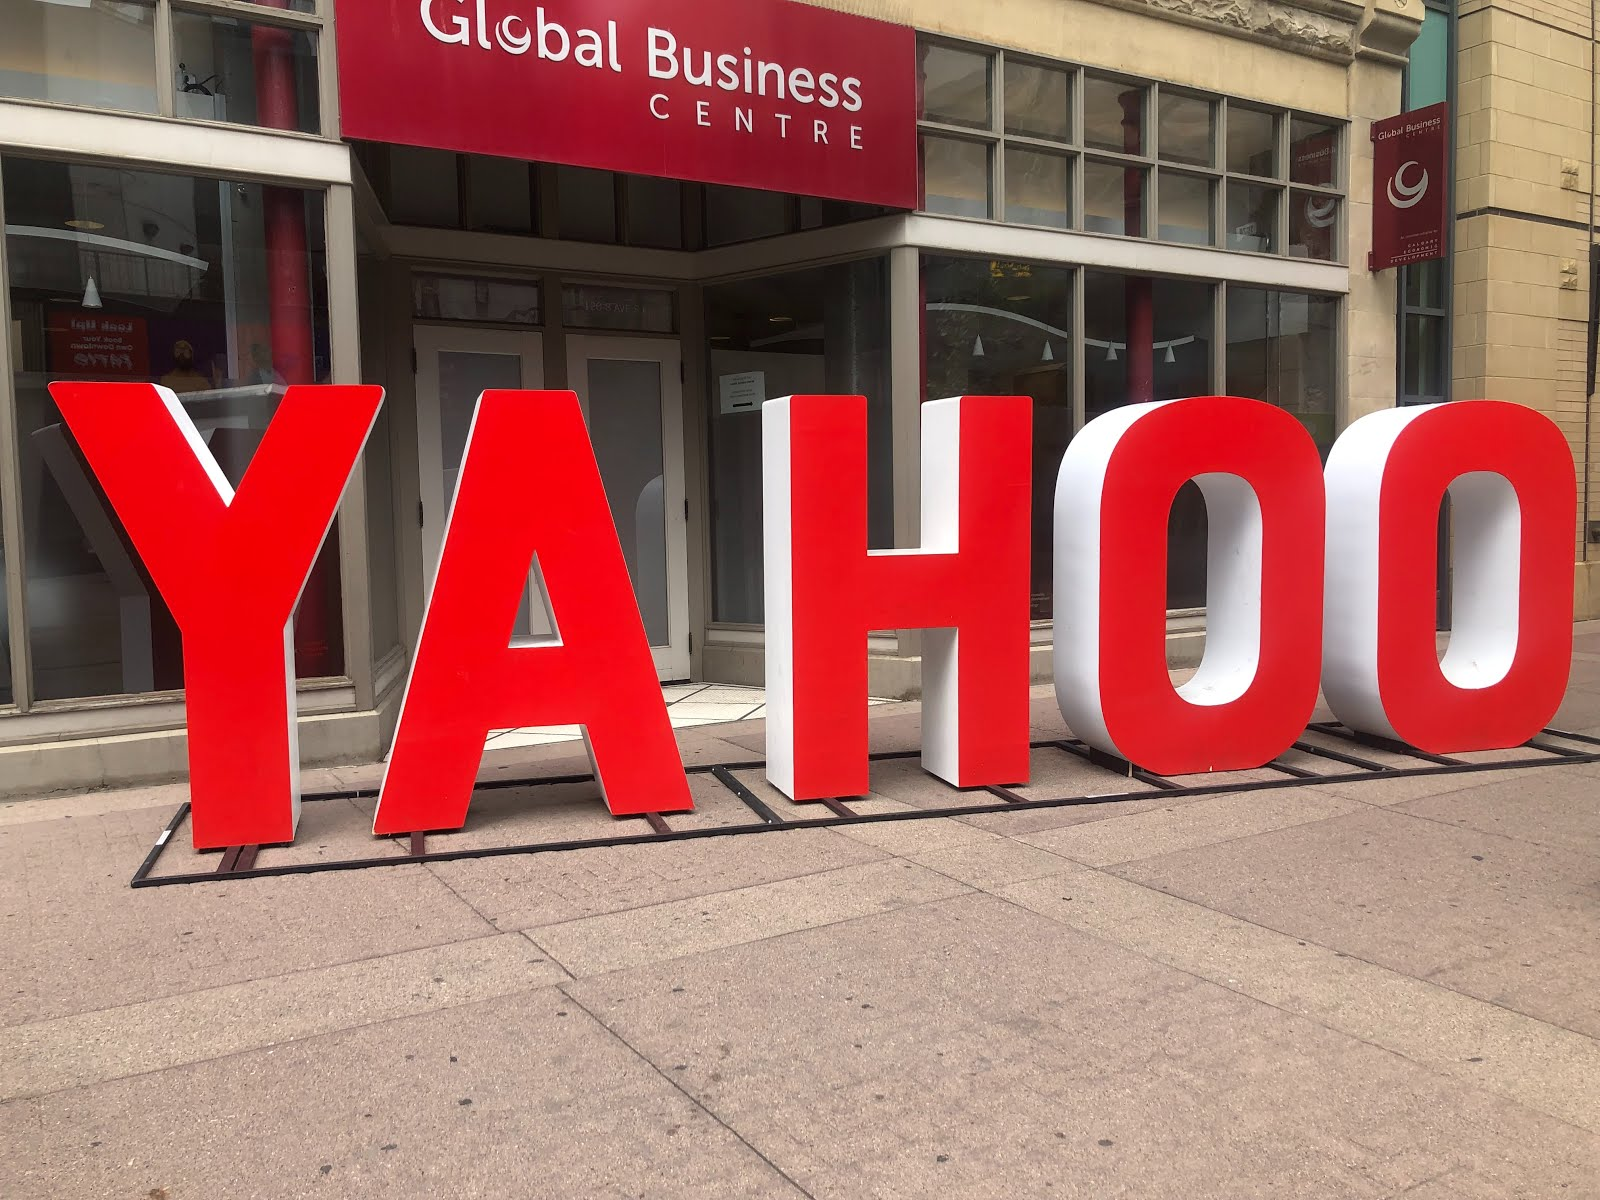 ياهو! تشير خريطة الموقع: أداة تسويق الإنترنت